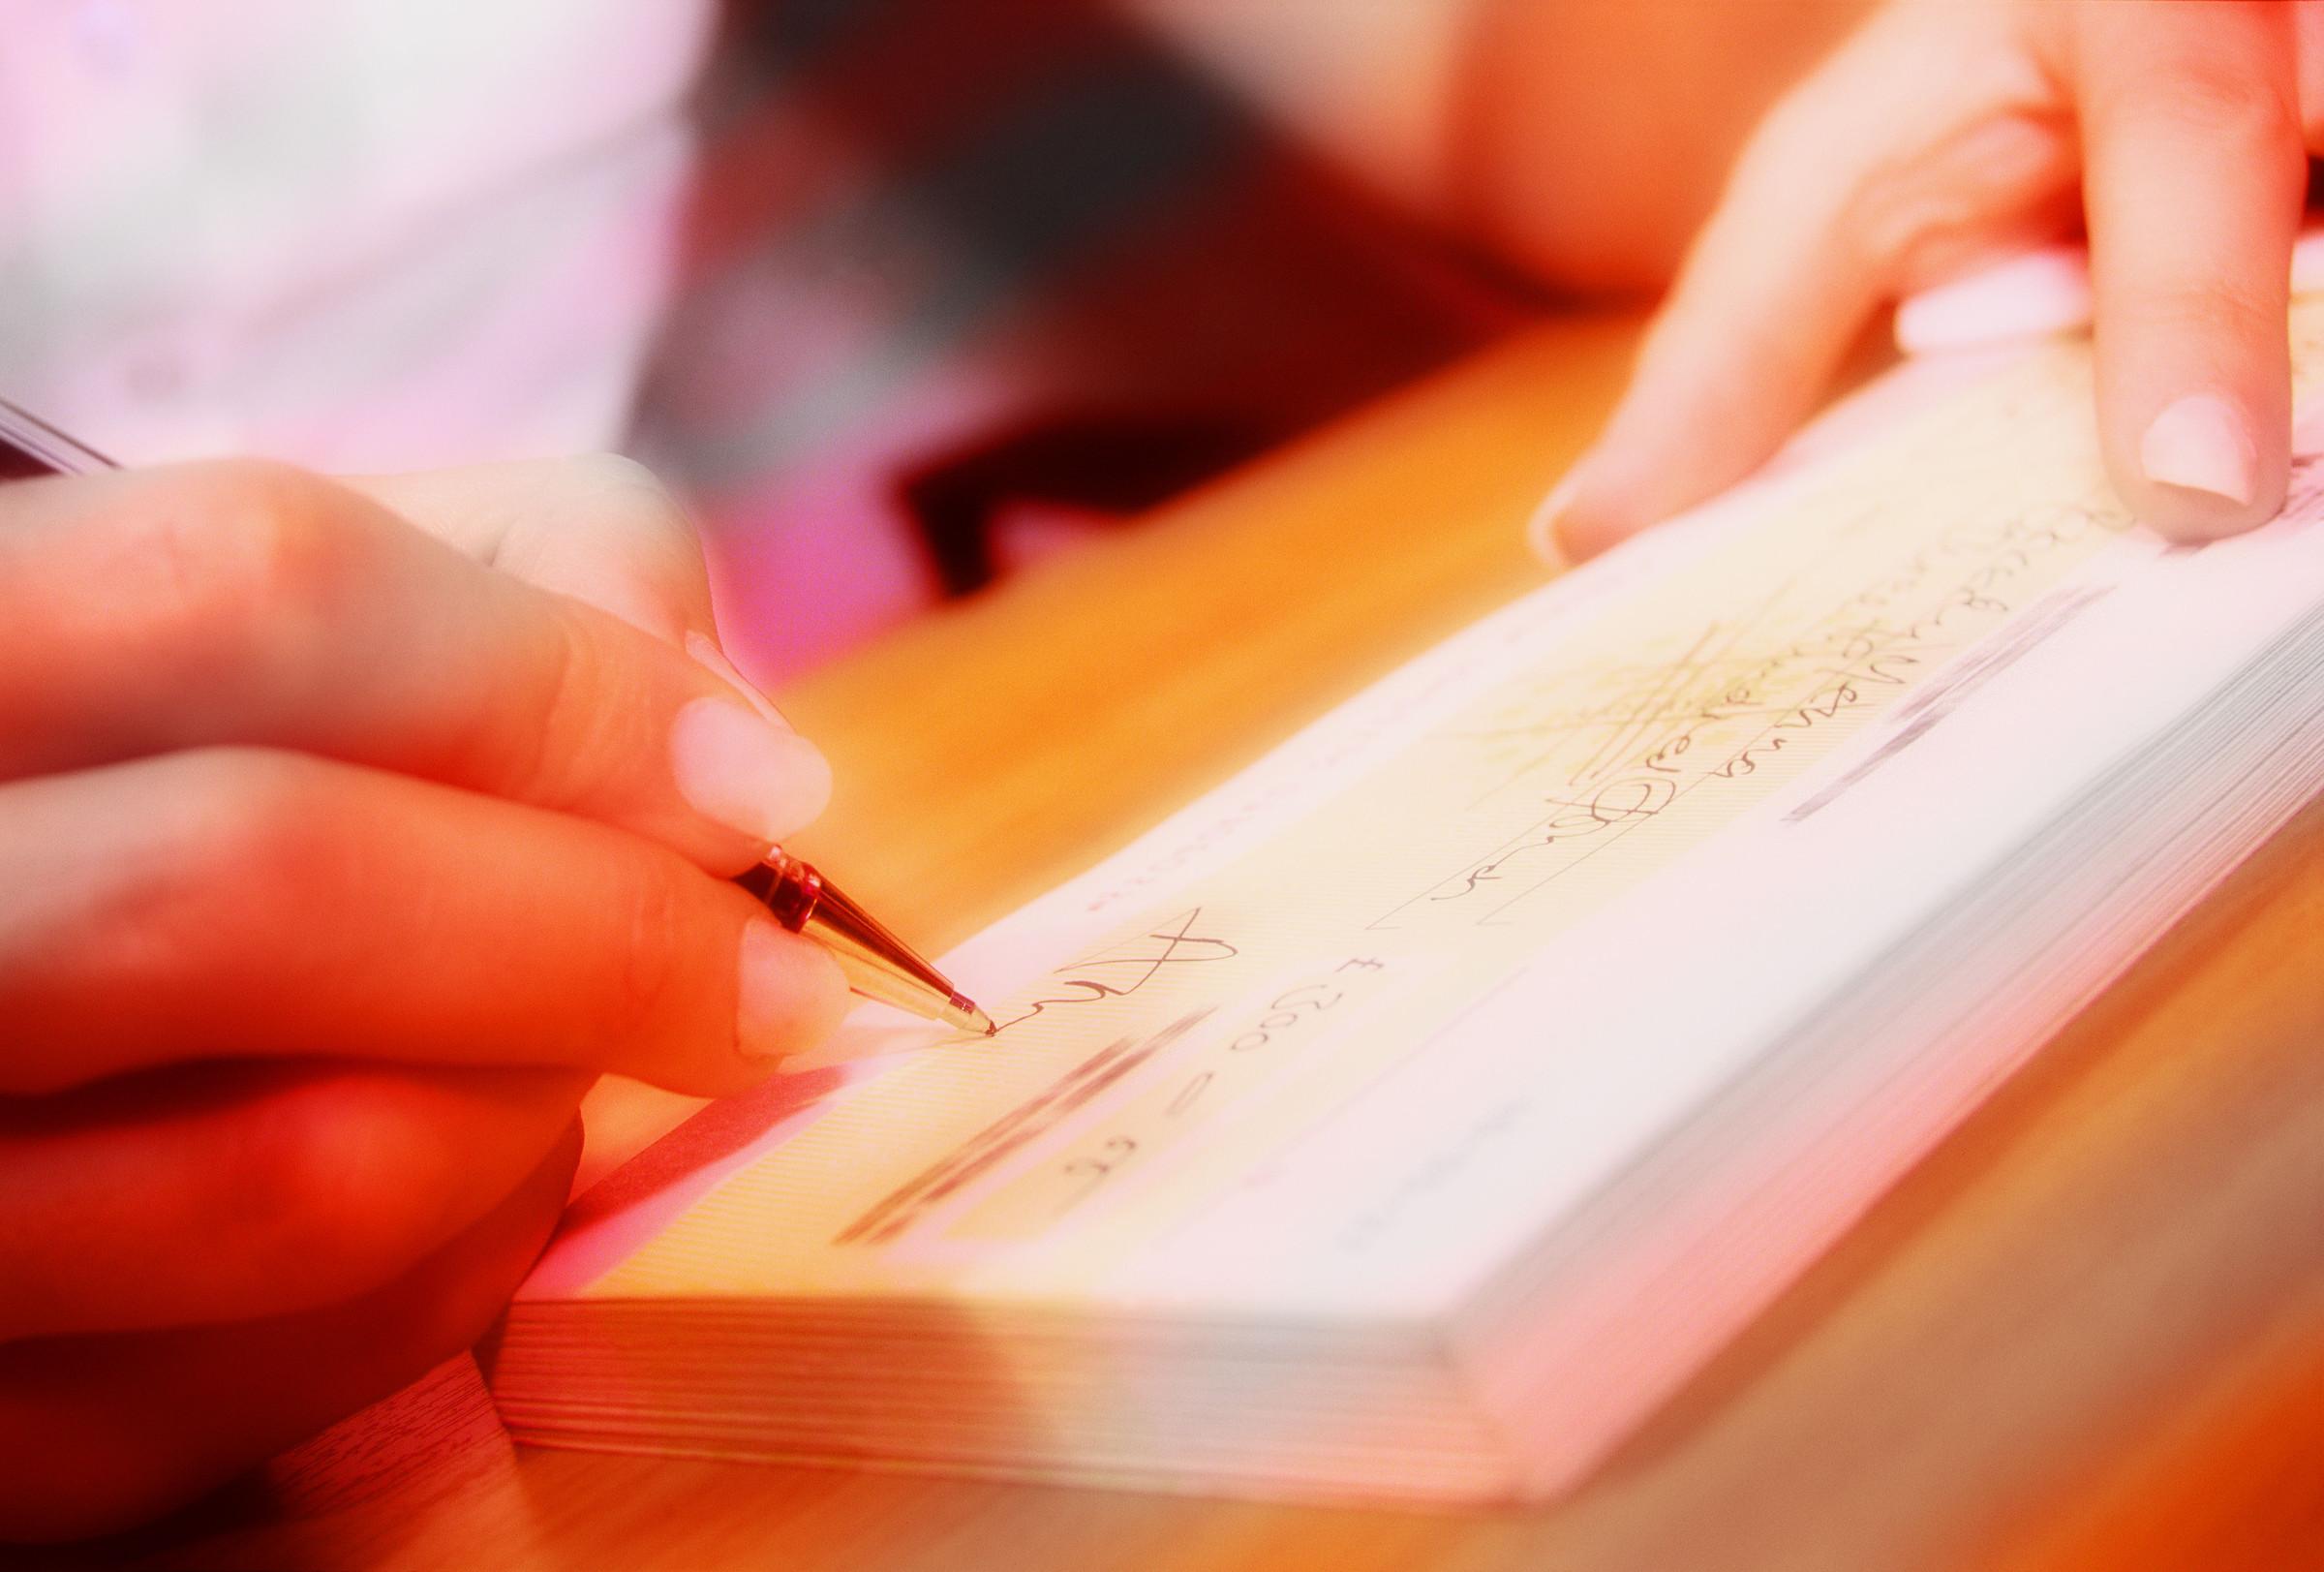 請求書を再発行してもらう際の法的リスク3選